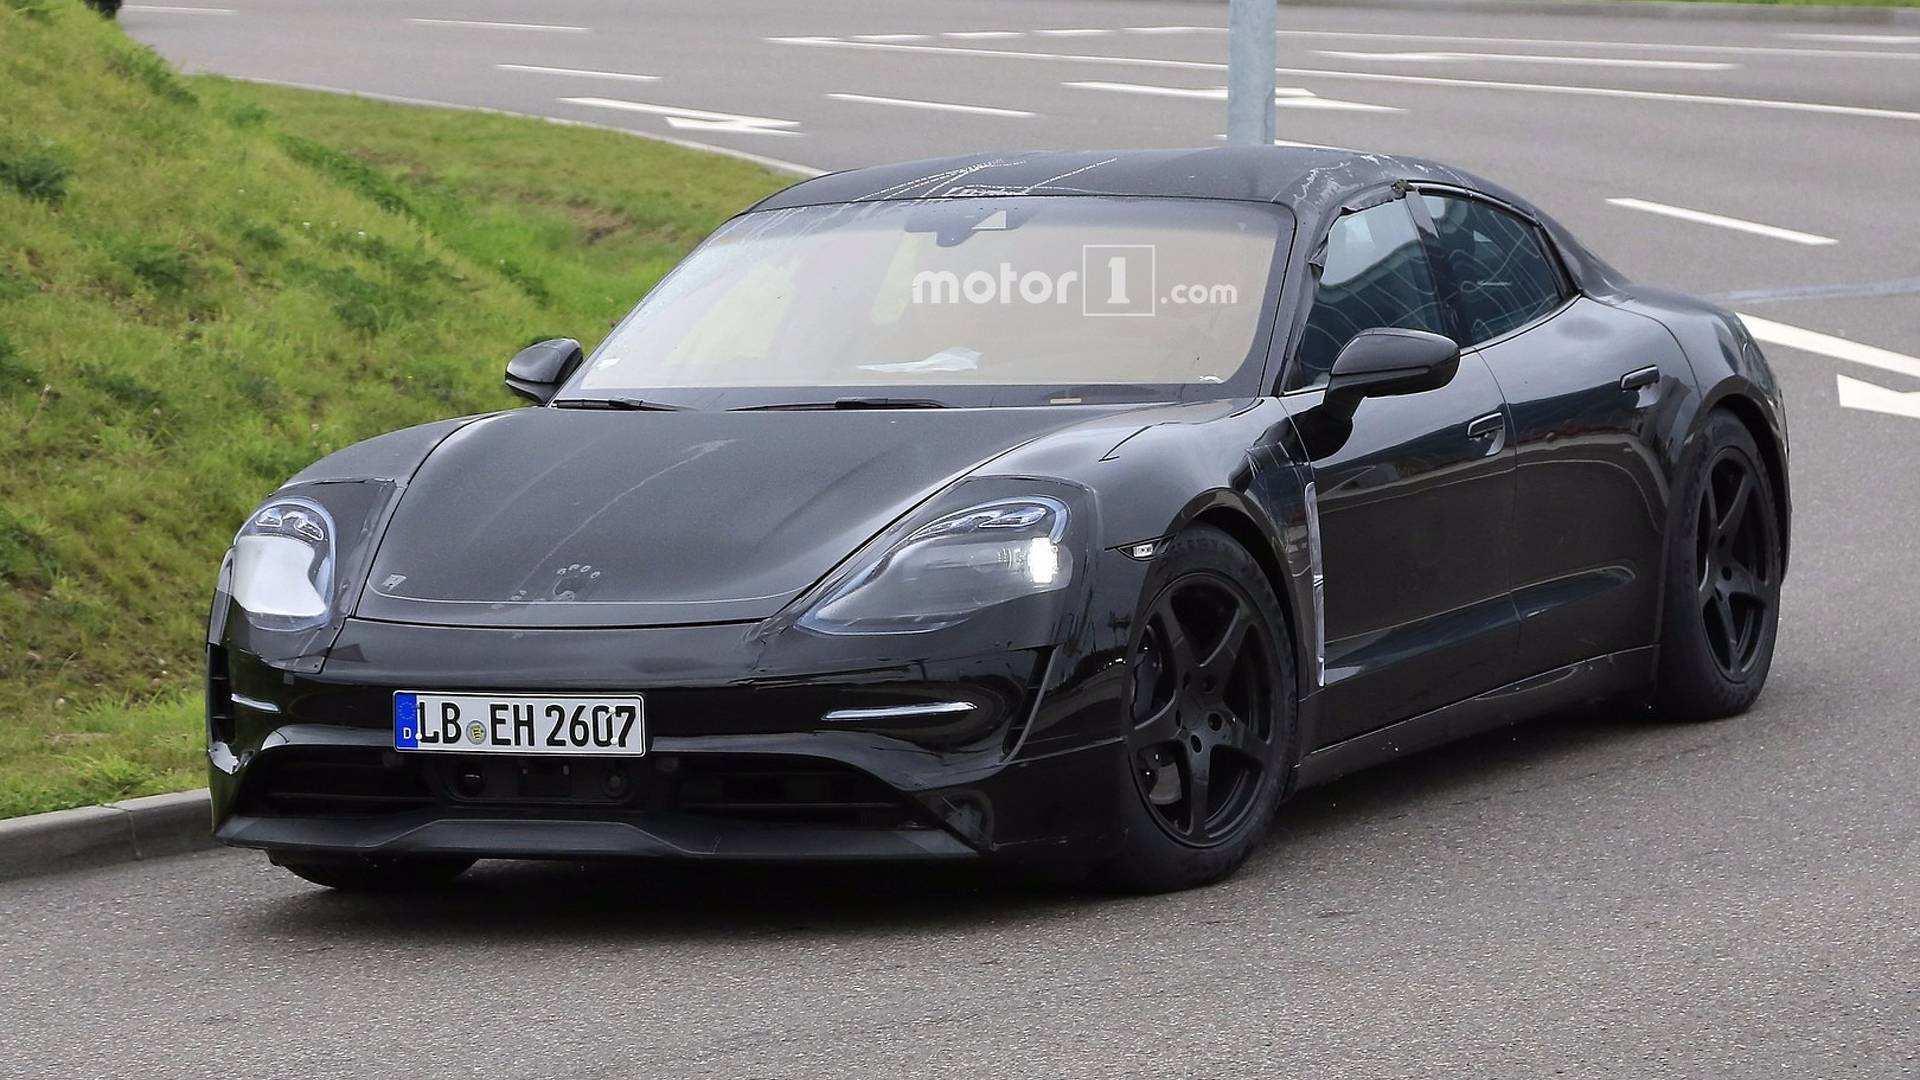 68 Great 2020 Porsche Mission E Electric Sedan Spied Testing Alongside Teslas Spesification by 2020 Porsche Mission E Electric Sedan Spied Testing Alongside Teslas